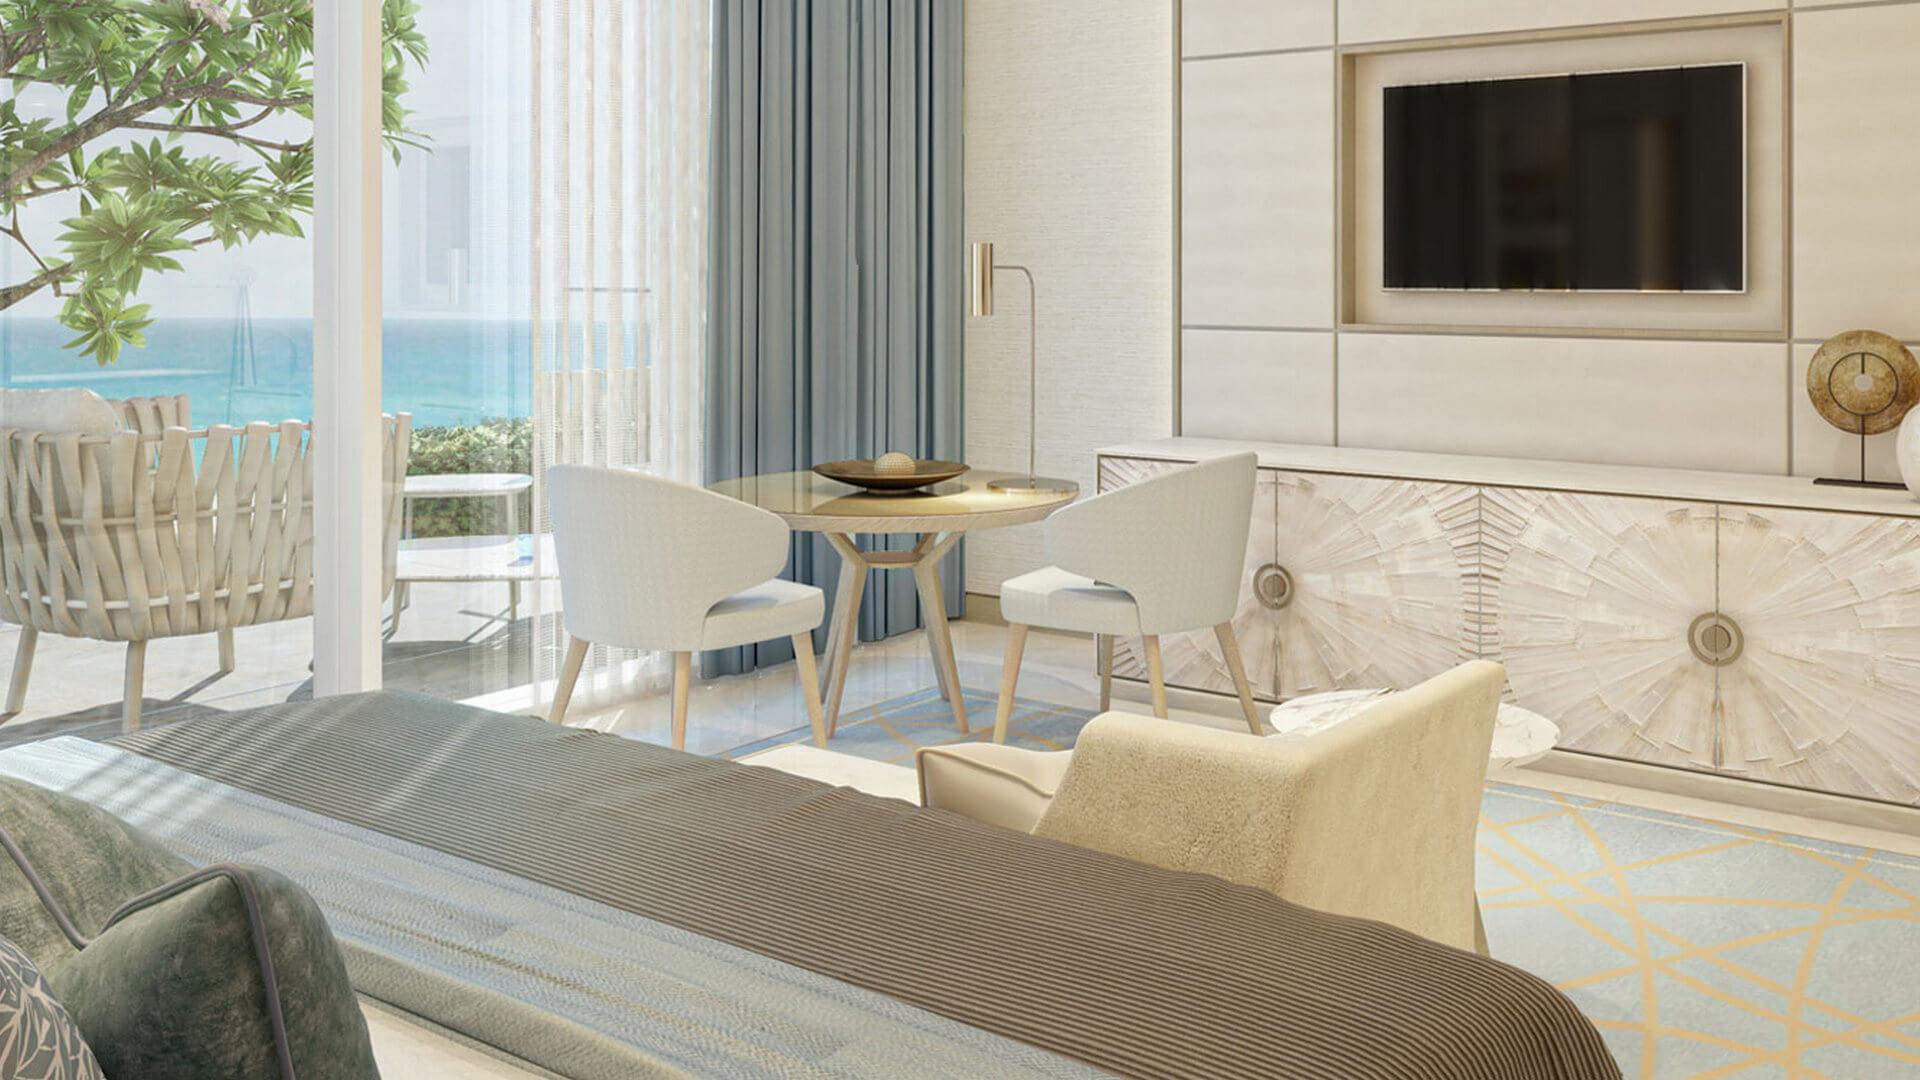 Apartamento en venta en Dubai, EAU, 5 dormitorios, 891 m2, № 24583 – foto 1